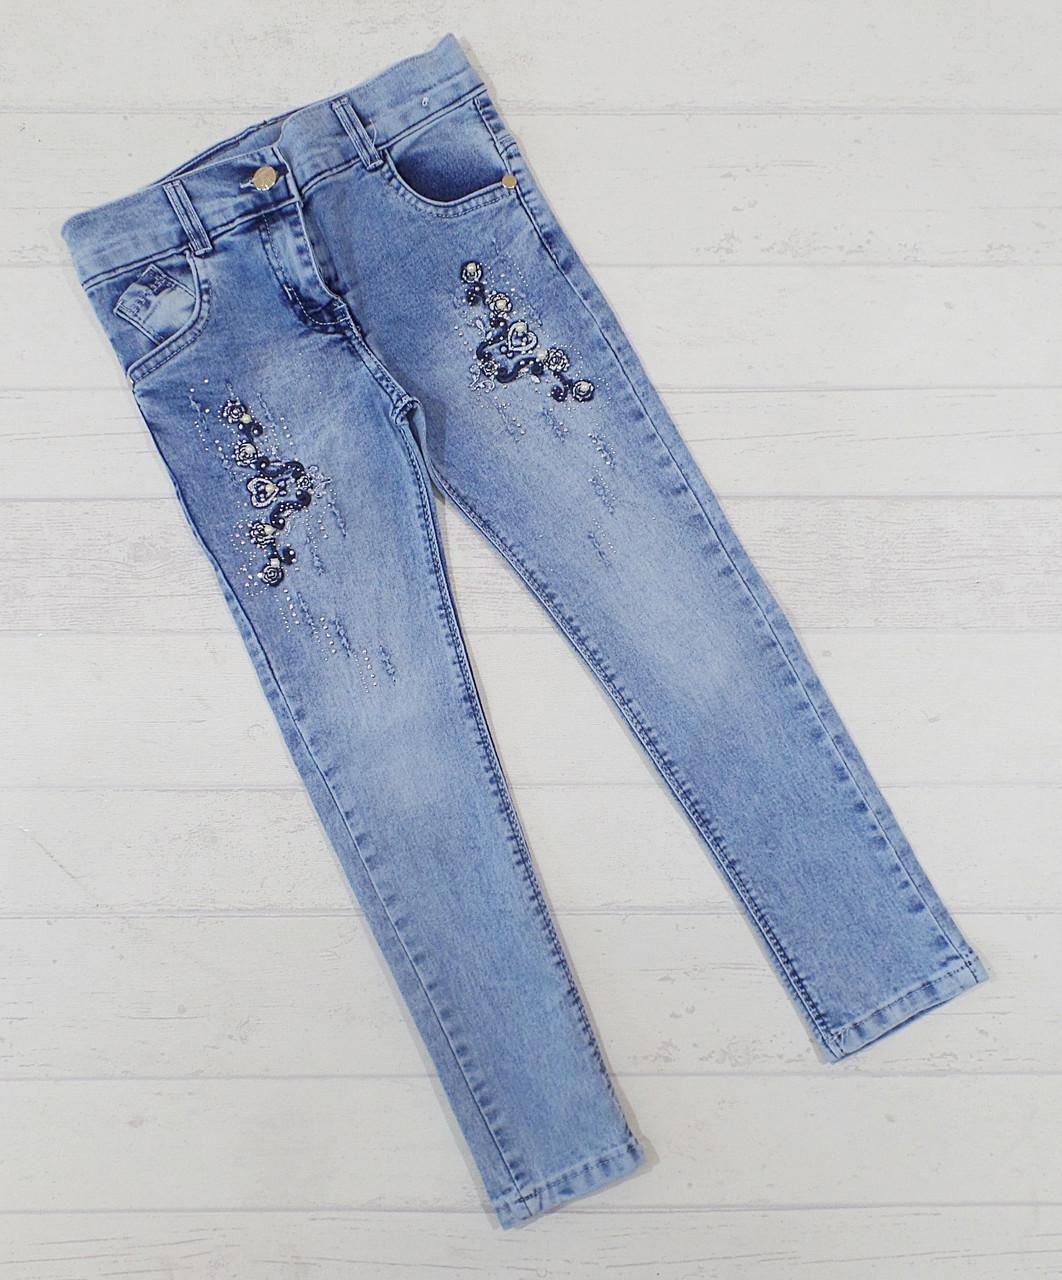 Детские джинсы для девочек 8,9,10,11,12 лет 5489612731747